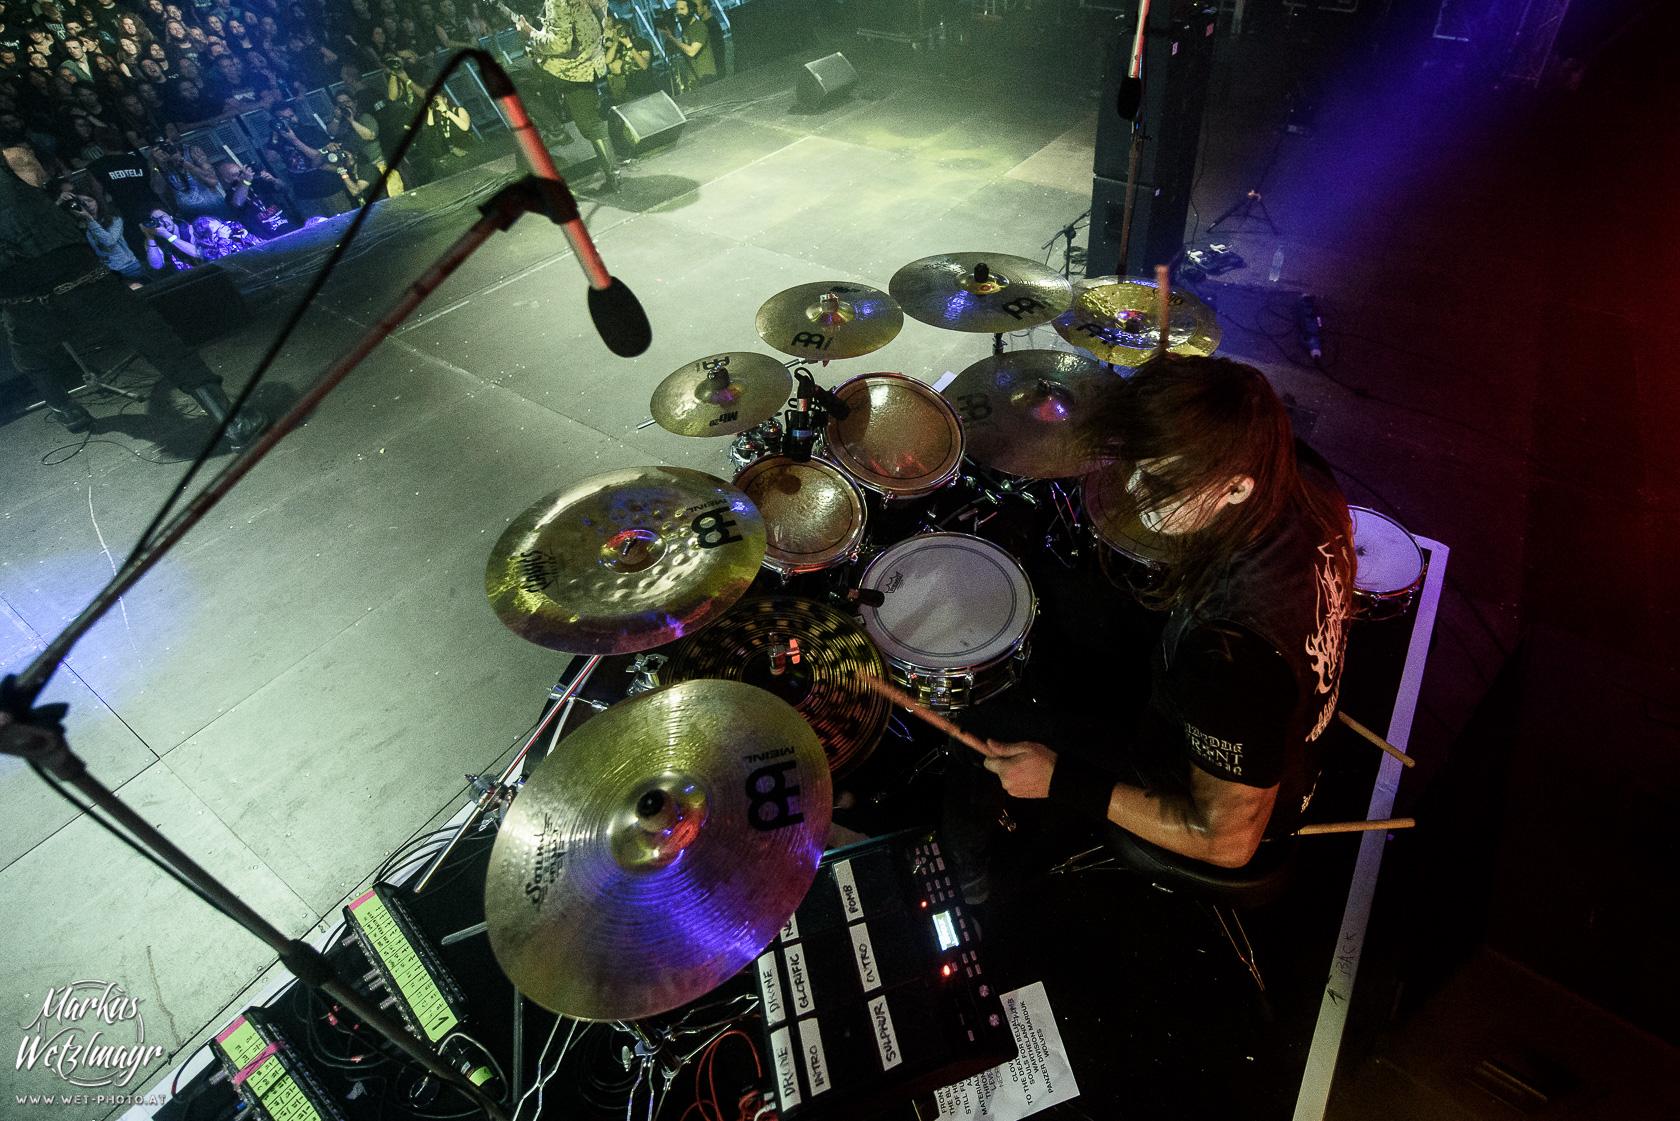 Fredrik Widgis (Drums) von MARDUK - so viel Platz, wie versprochen, war auf dem Drumraiser dann doch nicht. © Markus Wetzlmayr / @wetphoto / www.wet-photo.at NO USE WITHOUT PRIOR WRITTEN PERMISSION // KEINE VERWENDUNG OHNE VORHERIGE SCHRIFTLICHE ERLAUBNIS.